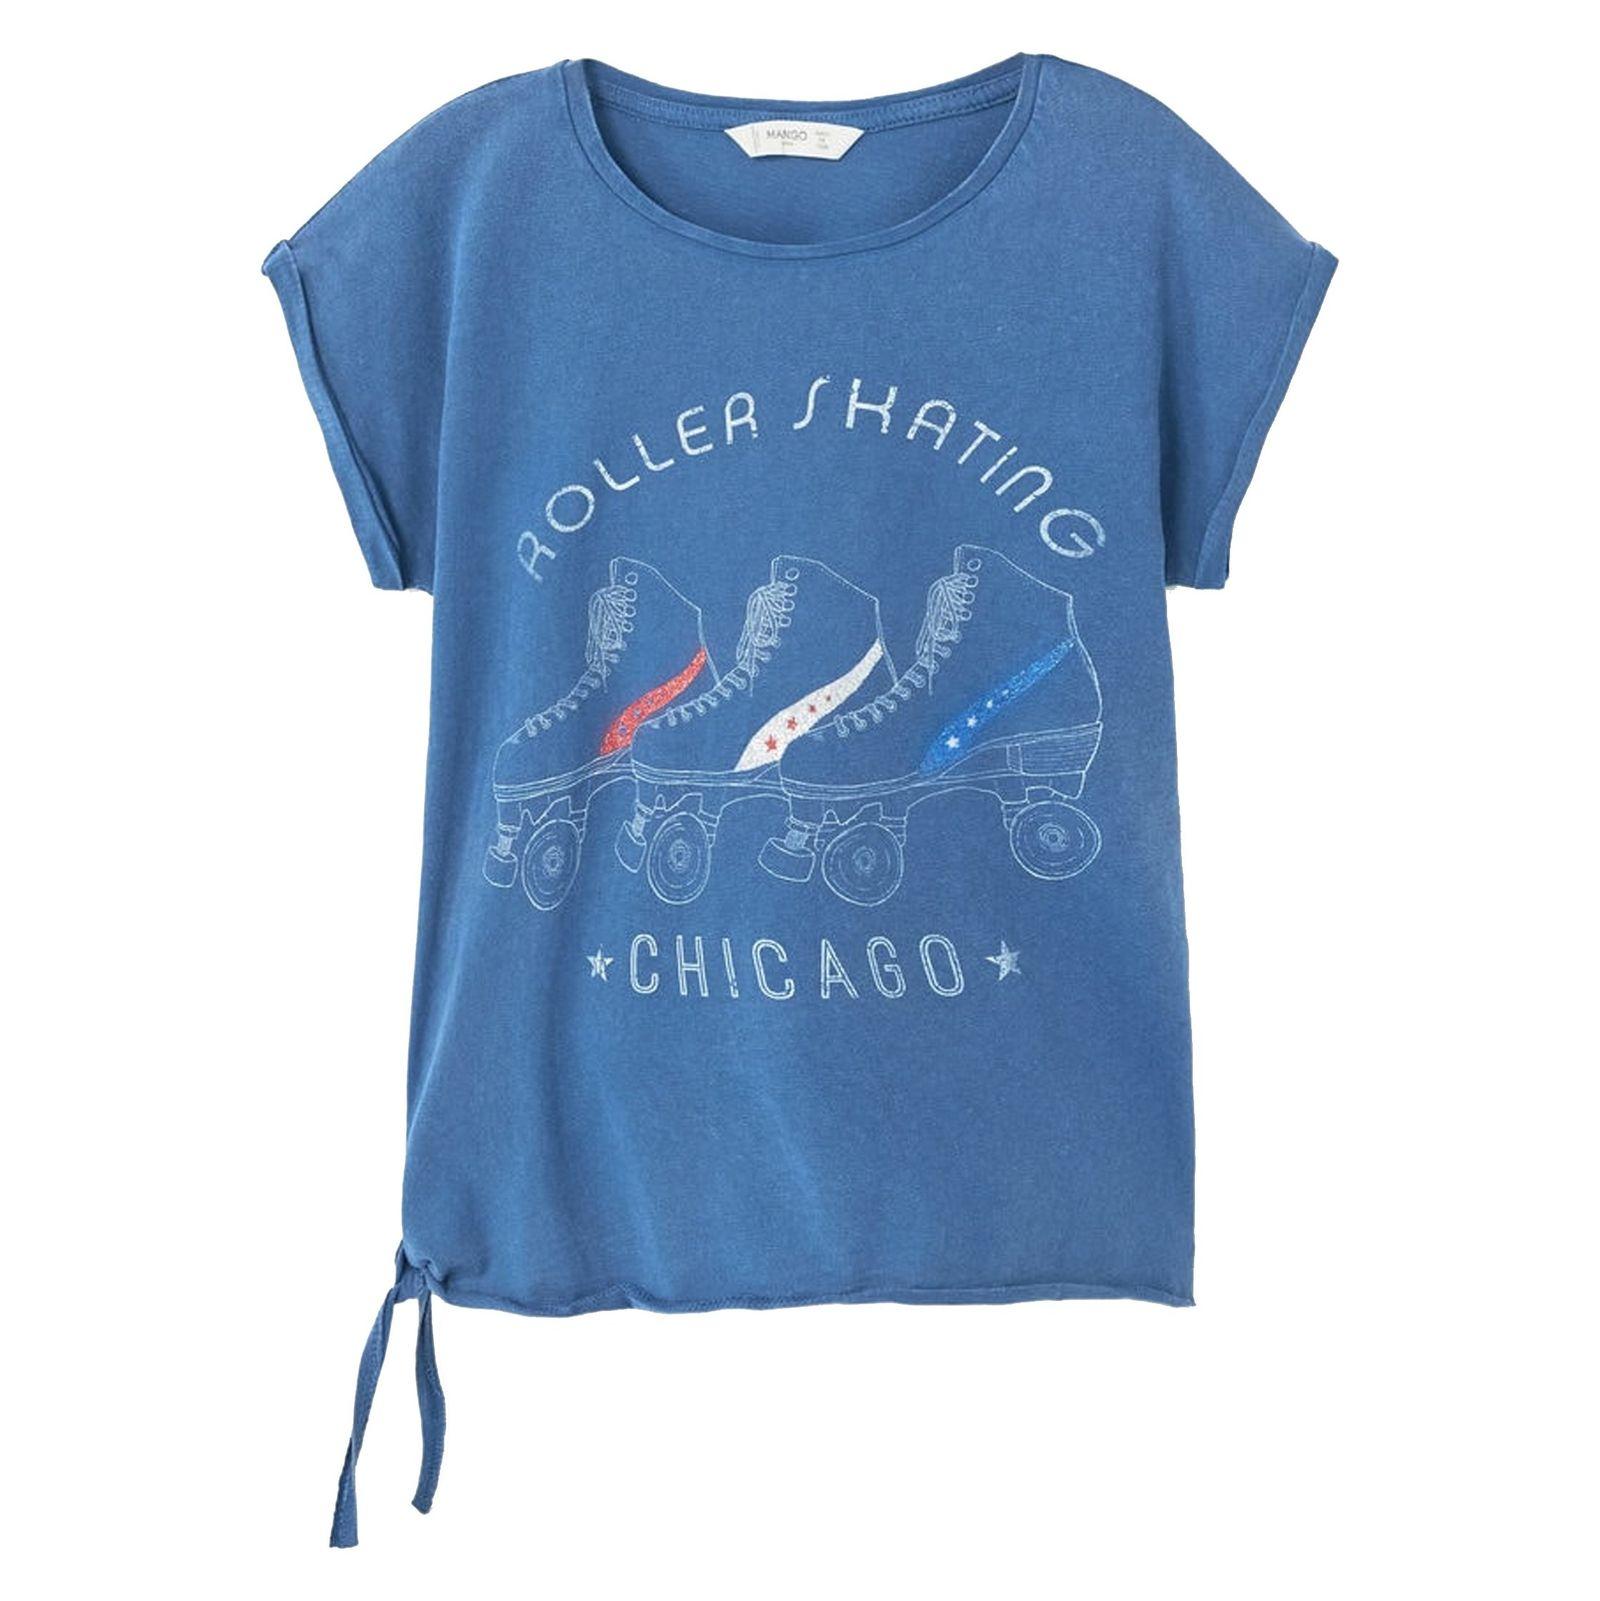 تی شرت نخی یقه گرد دخترانه - مانگو - آبي تيره - 1